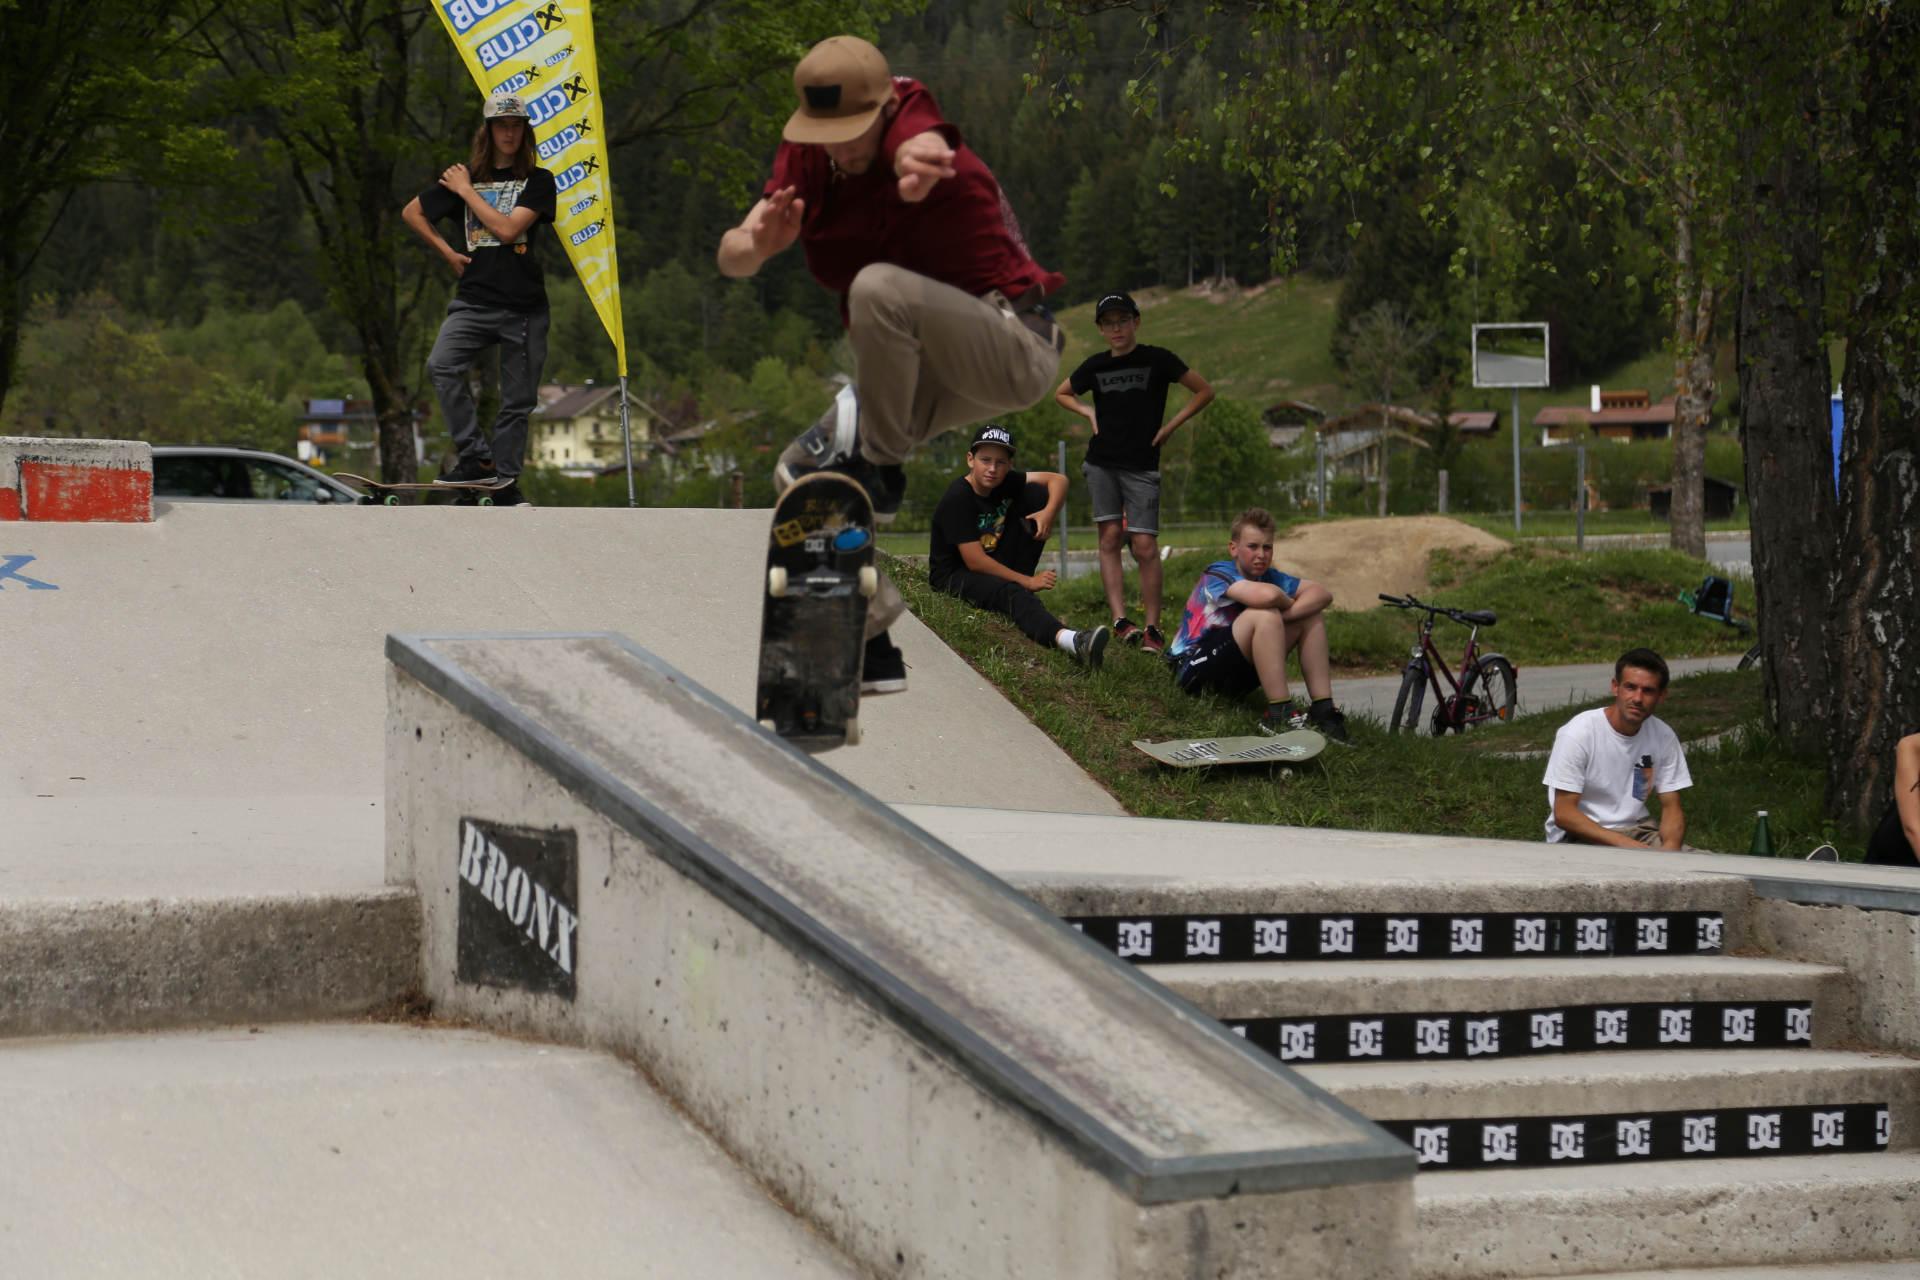 skateboard headz fieberbrunn kgt kitz gau trophy 2019 saalfelden hell00031